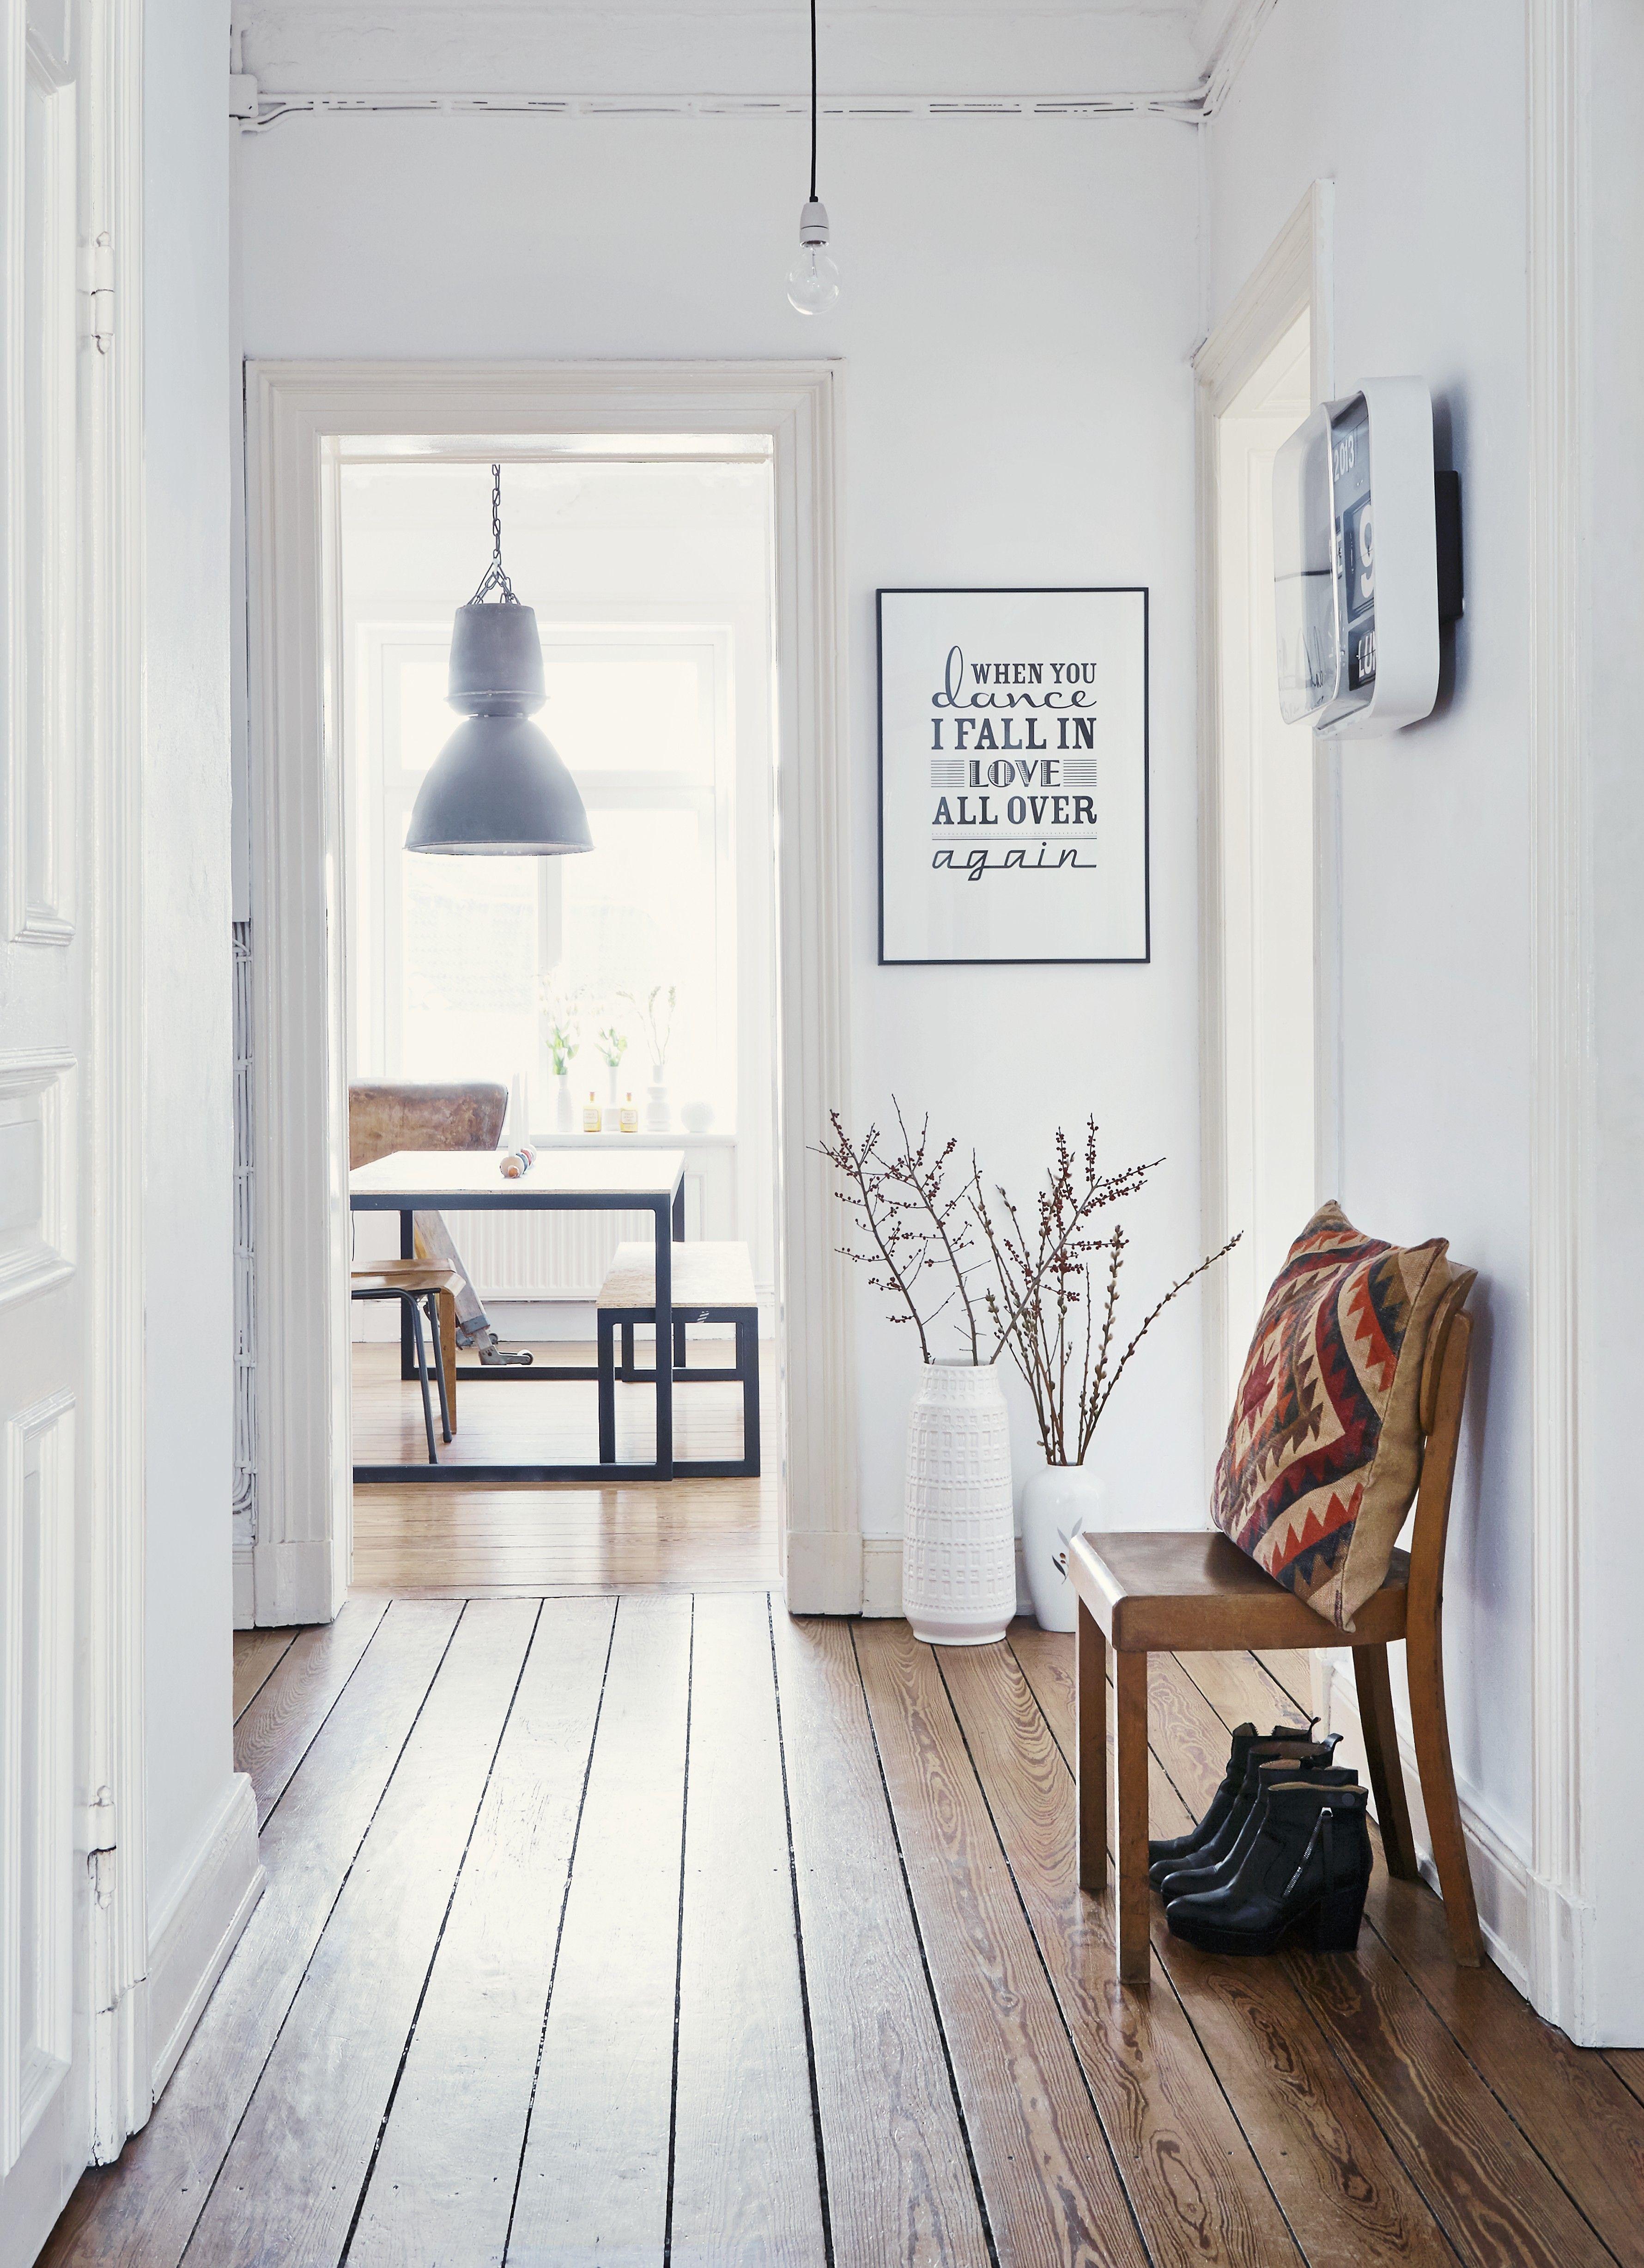 Pin von eve pixie auf Interior & Architecture   Pinterest   Flure ...